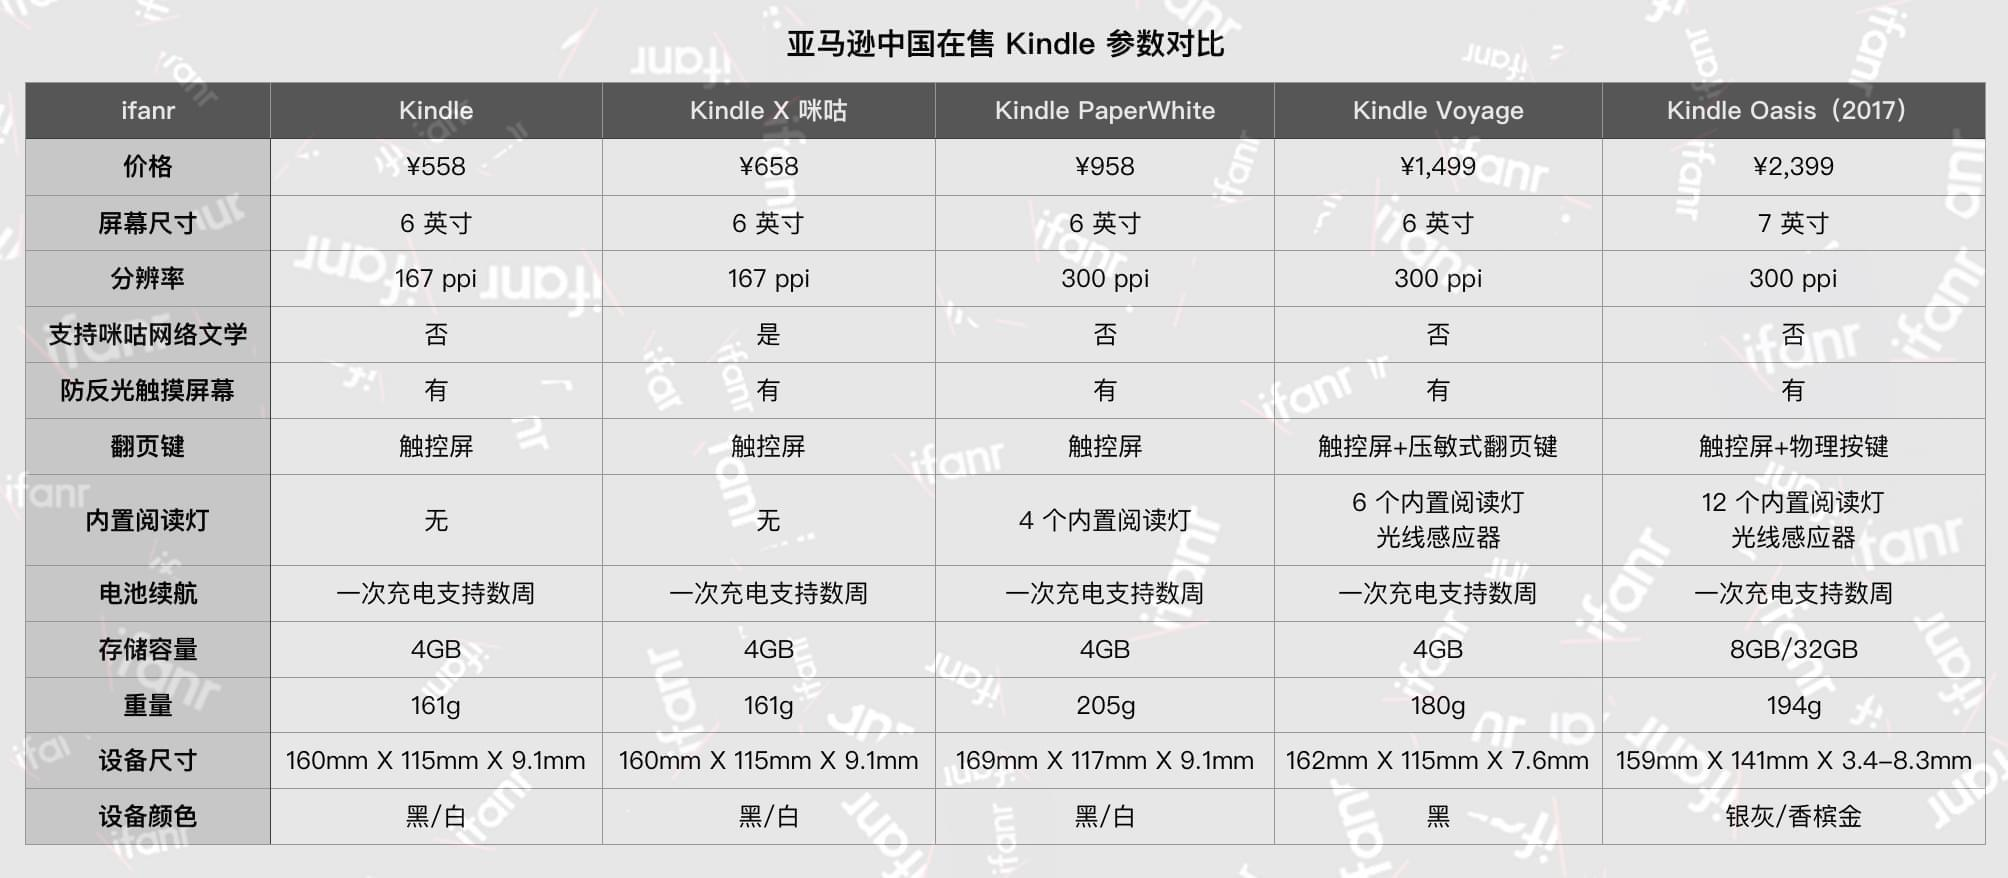 Kindle新旗舰发布:7英寸屏幕,国行售价2399元